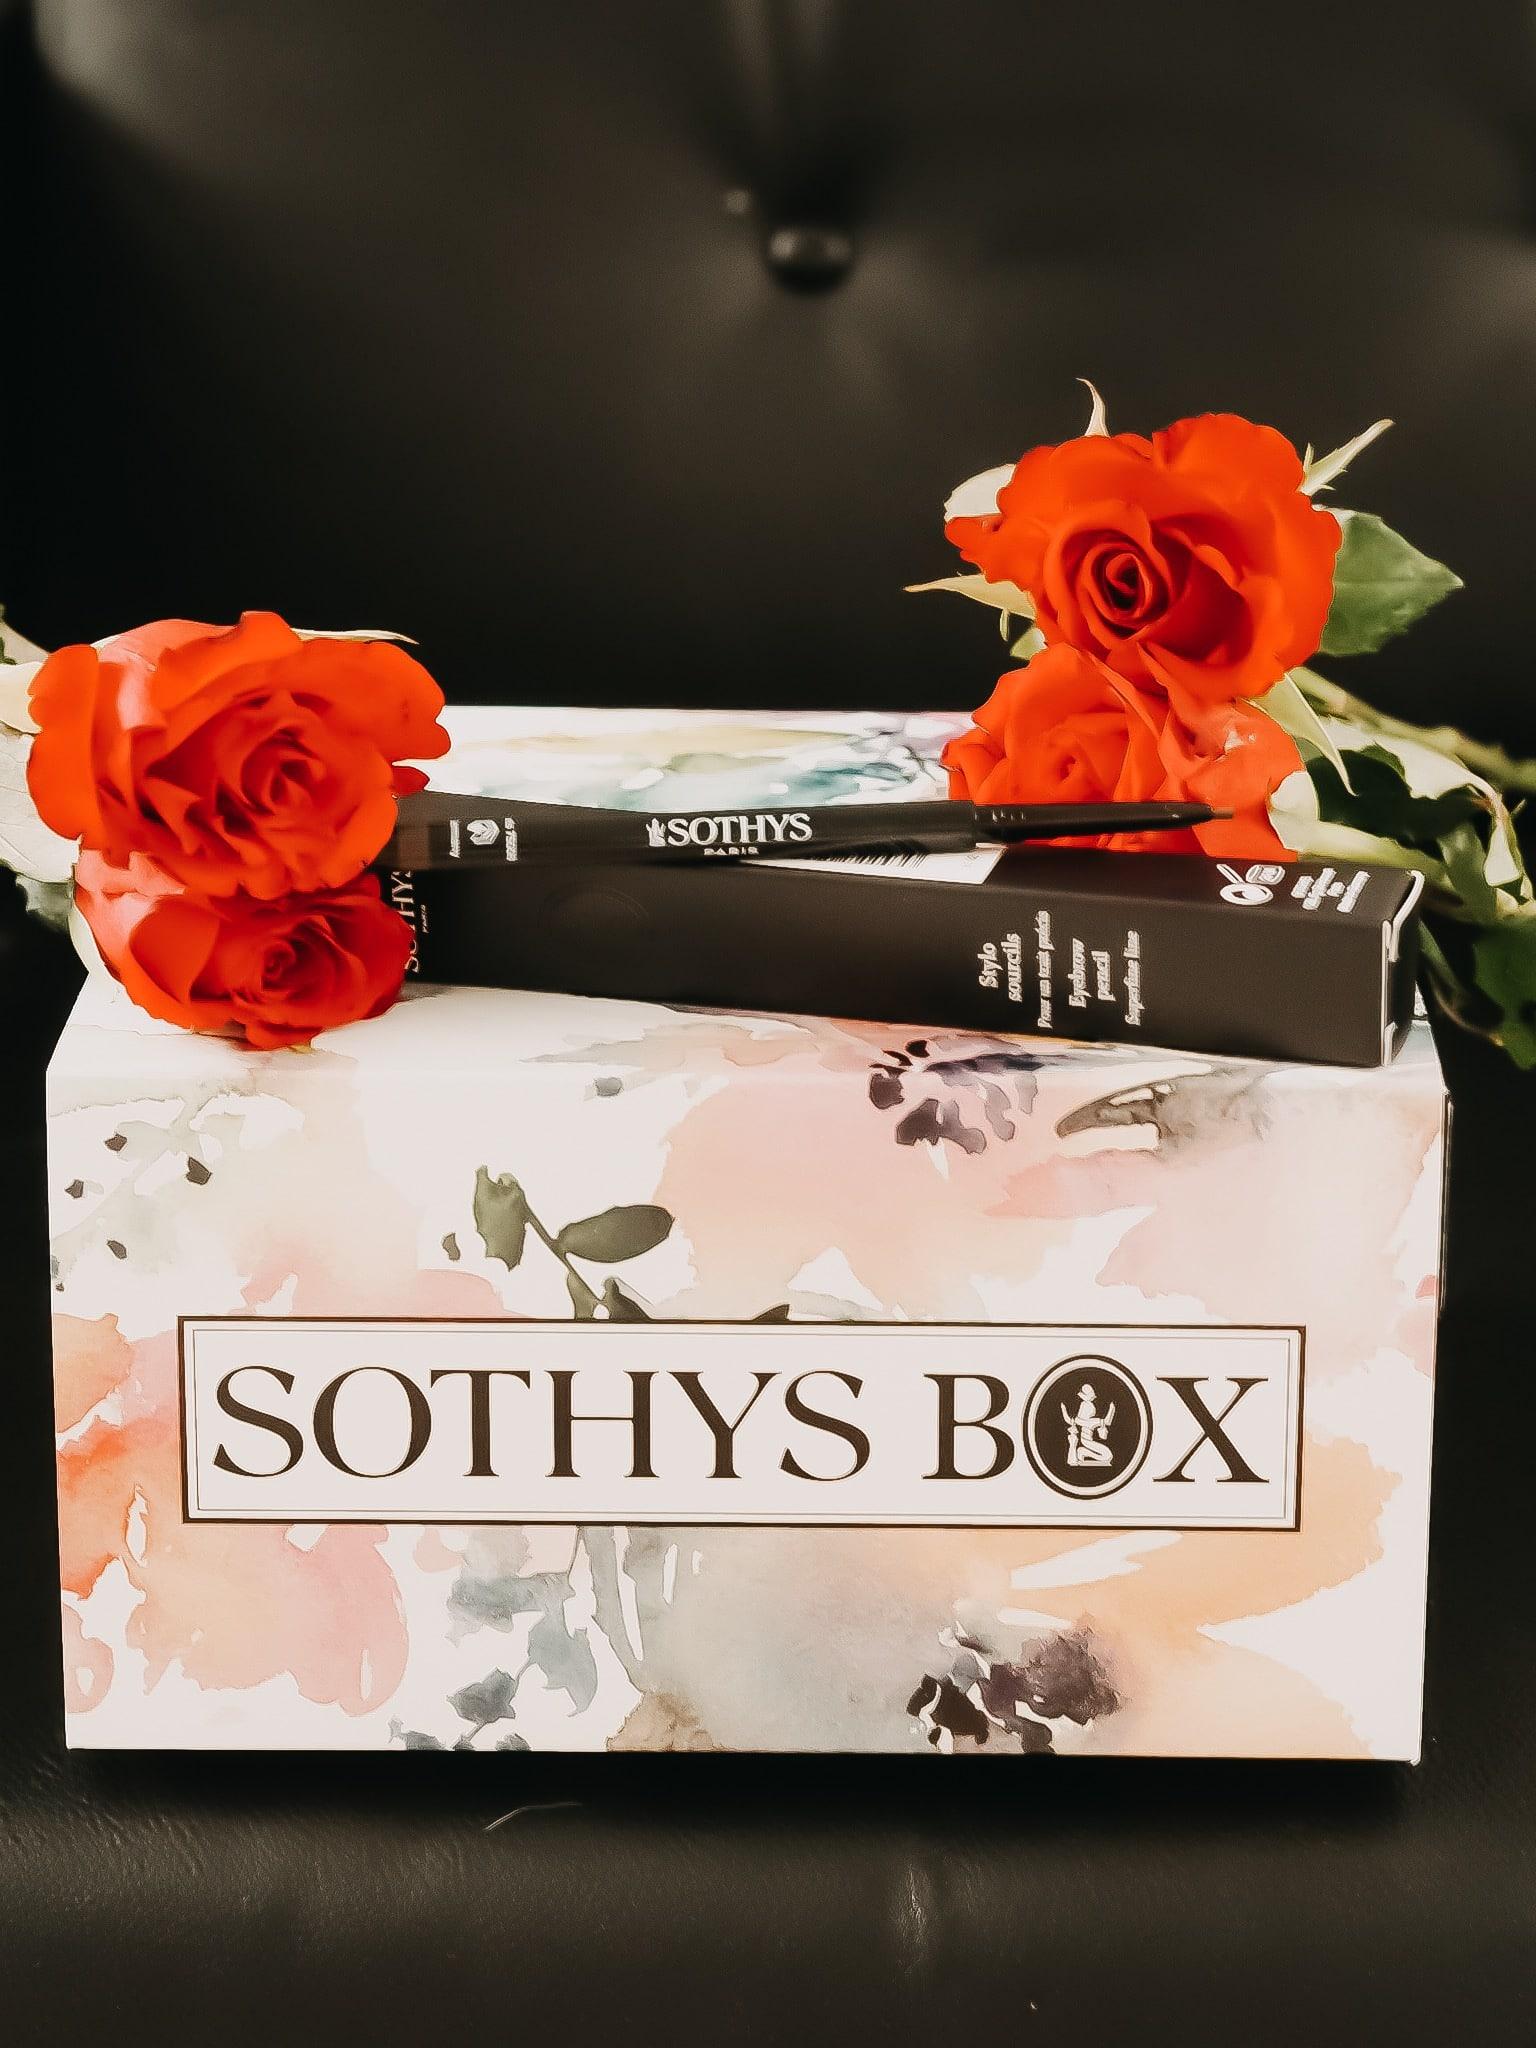 Seit dem 3. Juni gibt es die beliebte Sothys Box Summer-Edition 2019 mit Highlights. Alle enthaltenen Produkte HIER auf dem Beauty Blog und 5 € Rabatt Code.